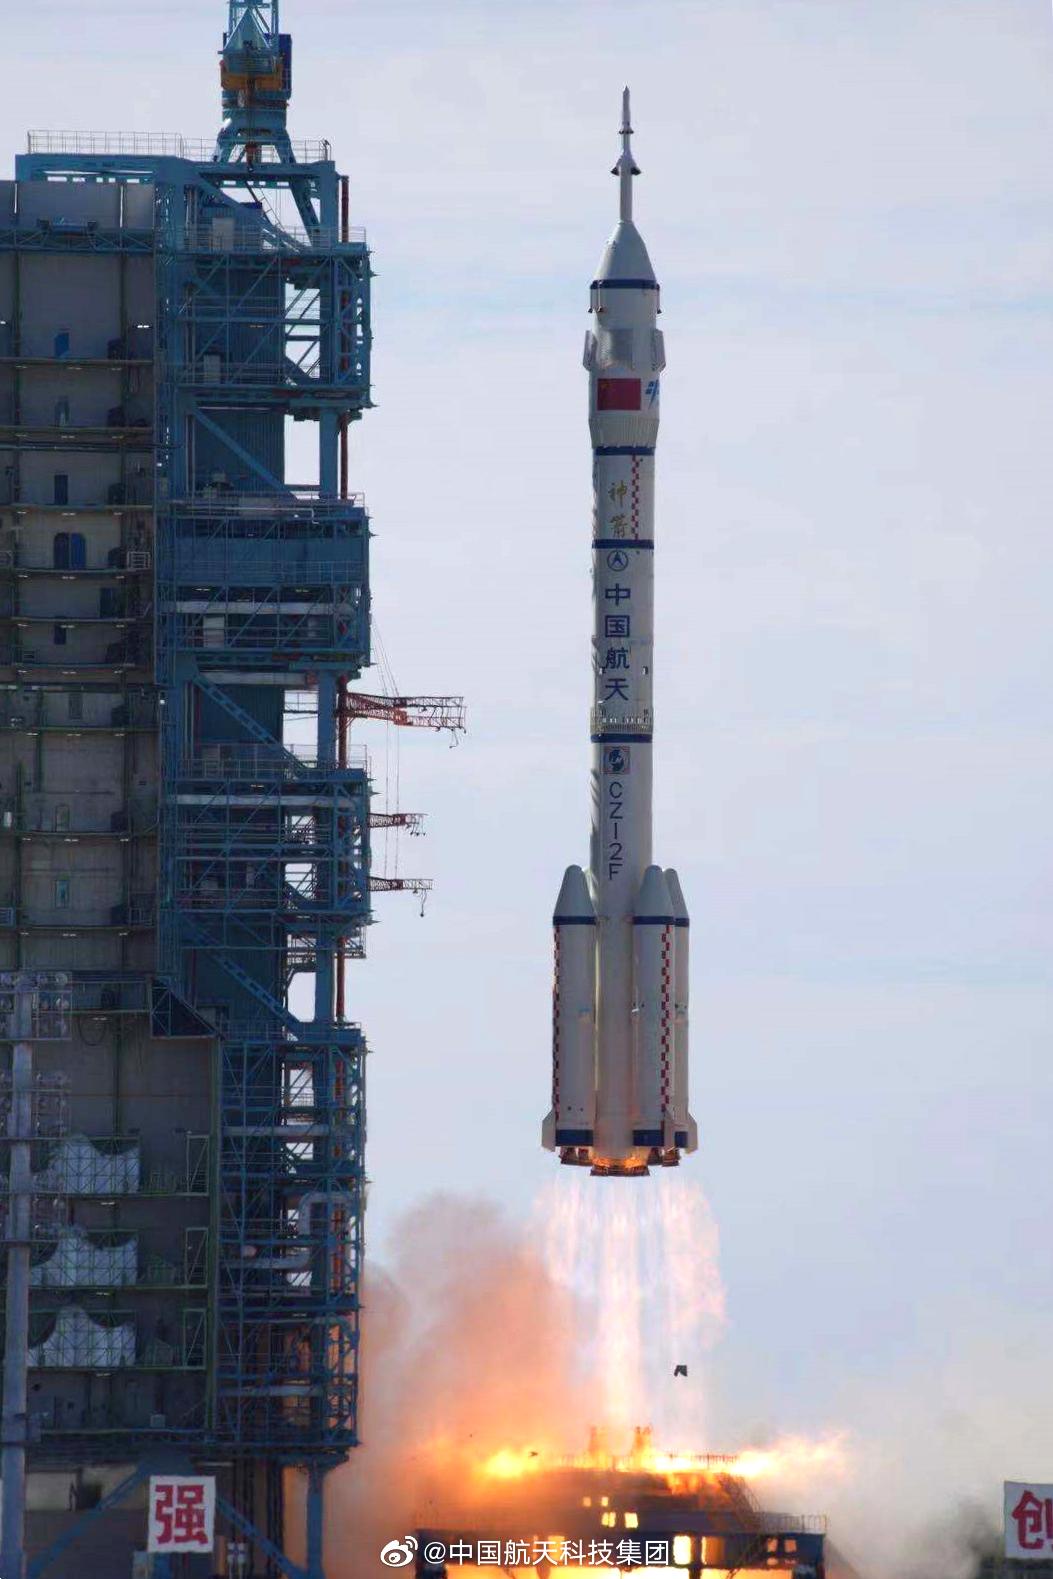 2021年6月17日,搭载着神舟十二号载人飞船的长征二号F遥十二运载火箭在酒泉卫星发射中心点火升空。@中国航天科技集团 图